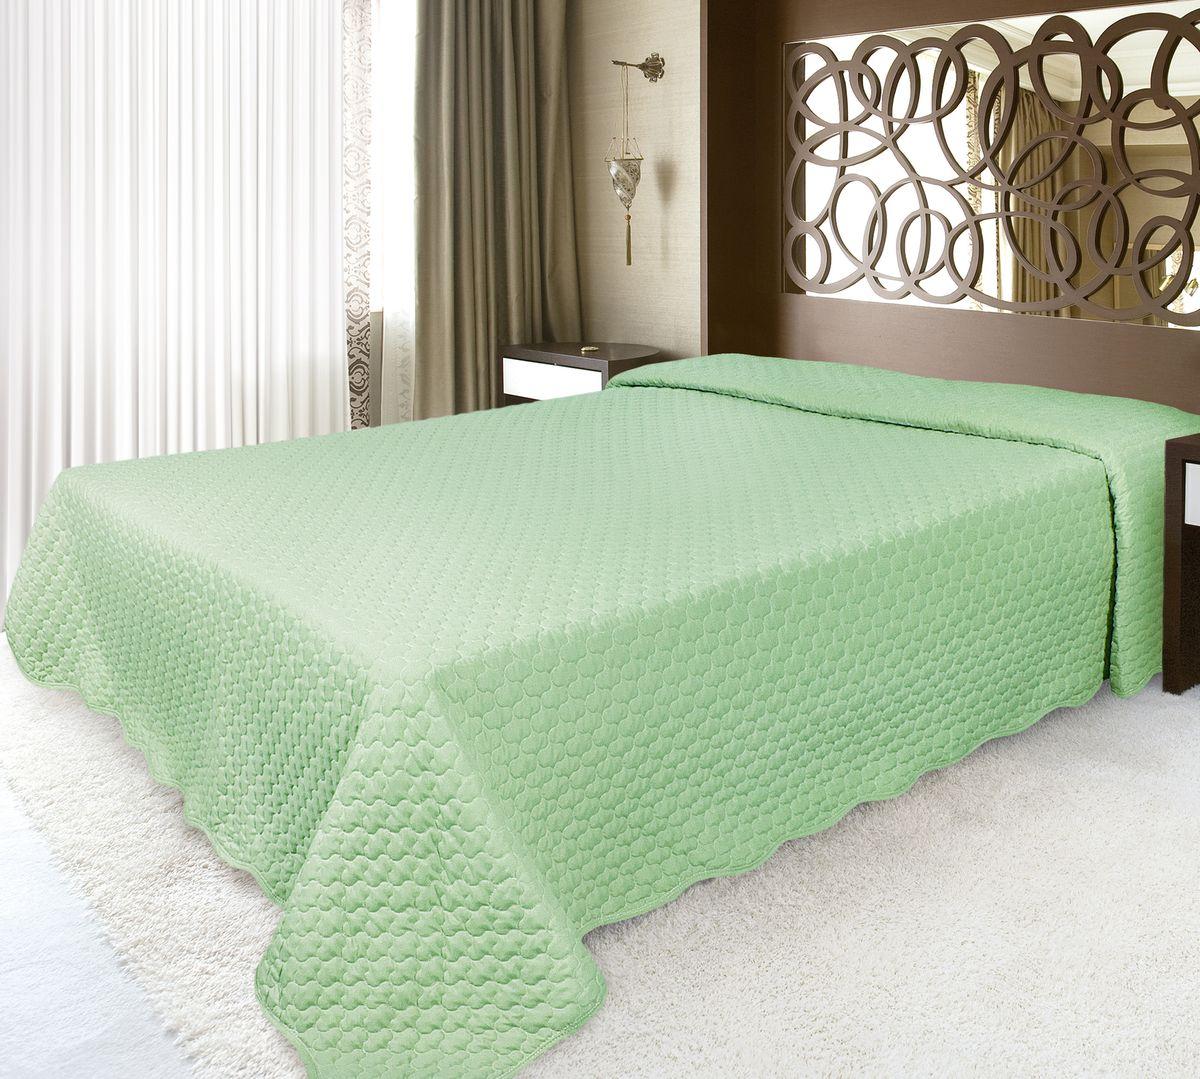 Покрывало Волшебная ночь 220 см х 260 см, зеленый192869Волшебная ночь ПОКРЫВАЛО 220/260,ткань верха - МИКРОФИБРА, полиэстер 100%, наполнитель - полиэстер 100%, Зеленый Покрывала Волшебная ночь из микрофибры - подходят для любого интерьера, выполненны в приятных пастельных тонах, не мнутся, отлично драпируются и держат форму, не электризуются, обладают мягкой и бархатистой фактурой